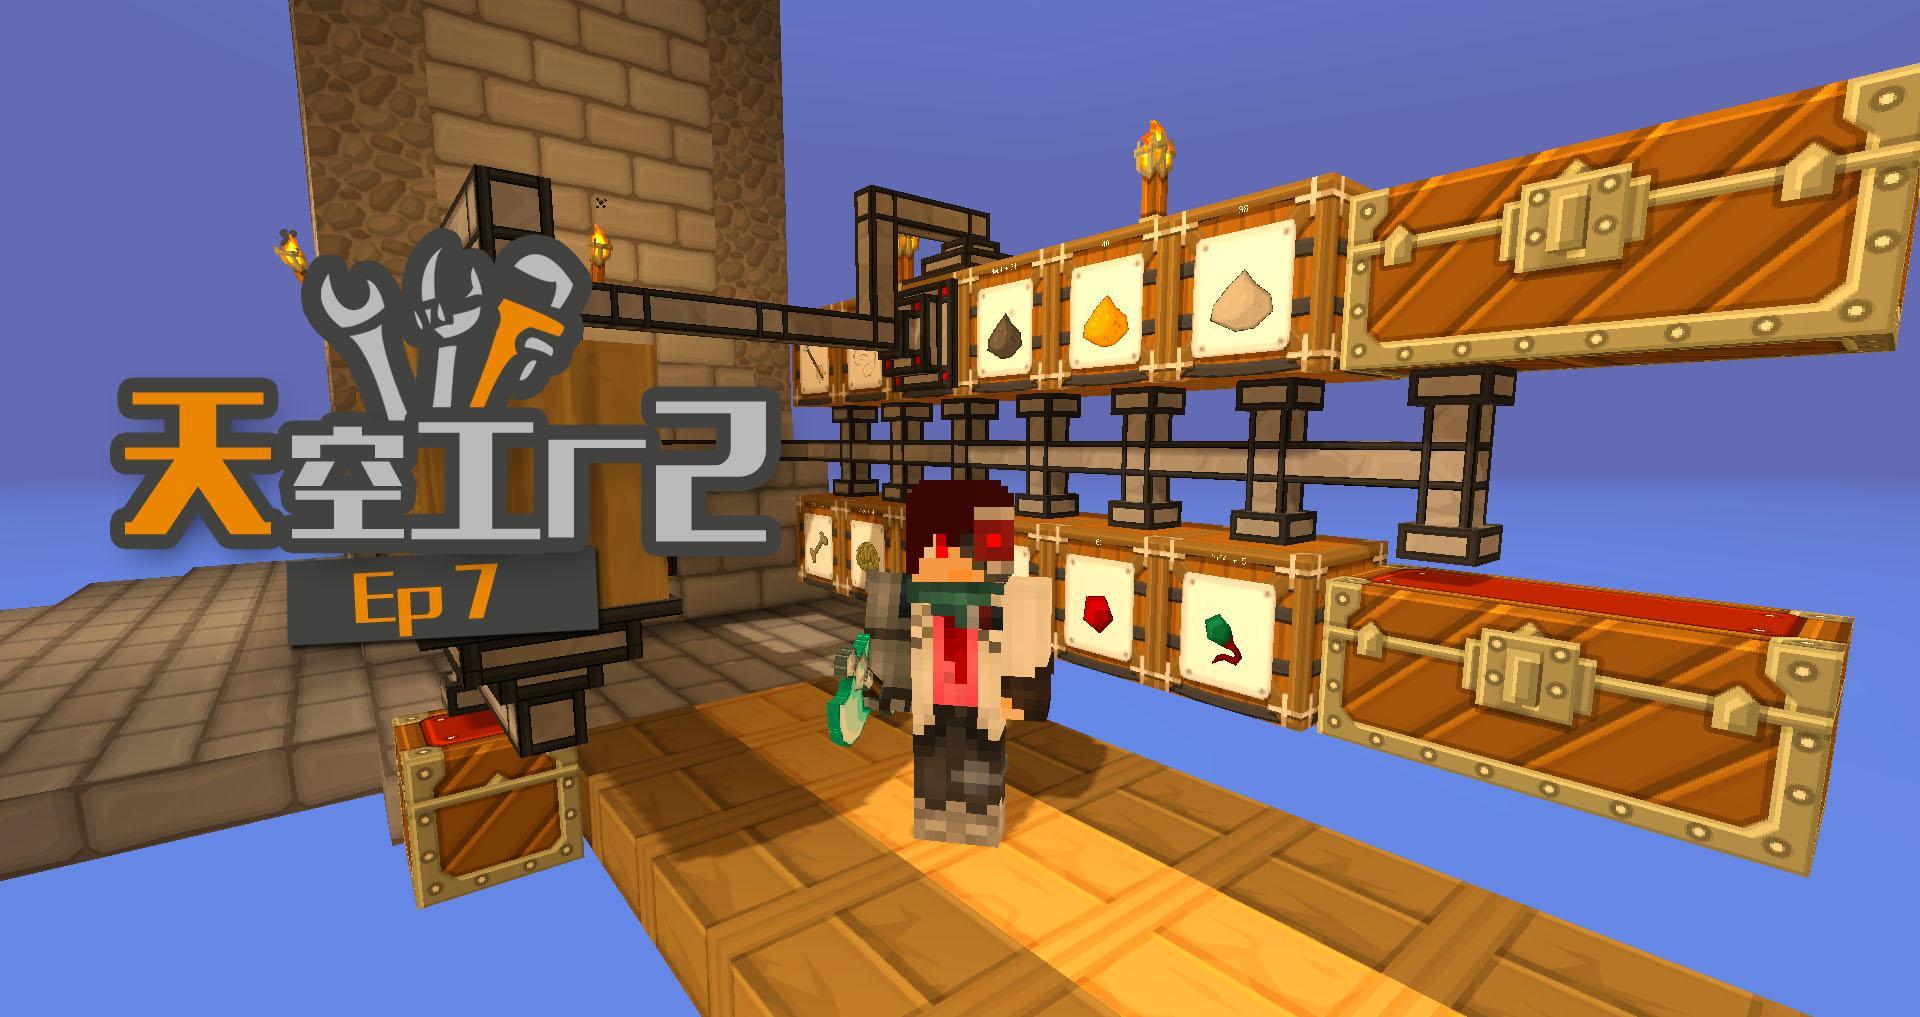 我的世界minecraft《安逸菌de天空工厂2》mc单人模组科技空岛.